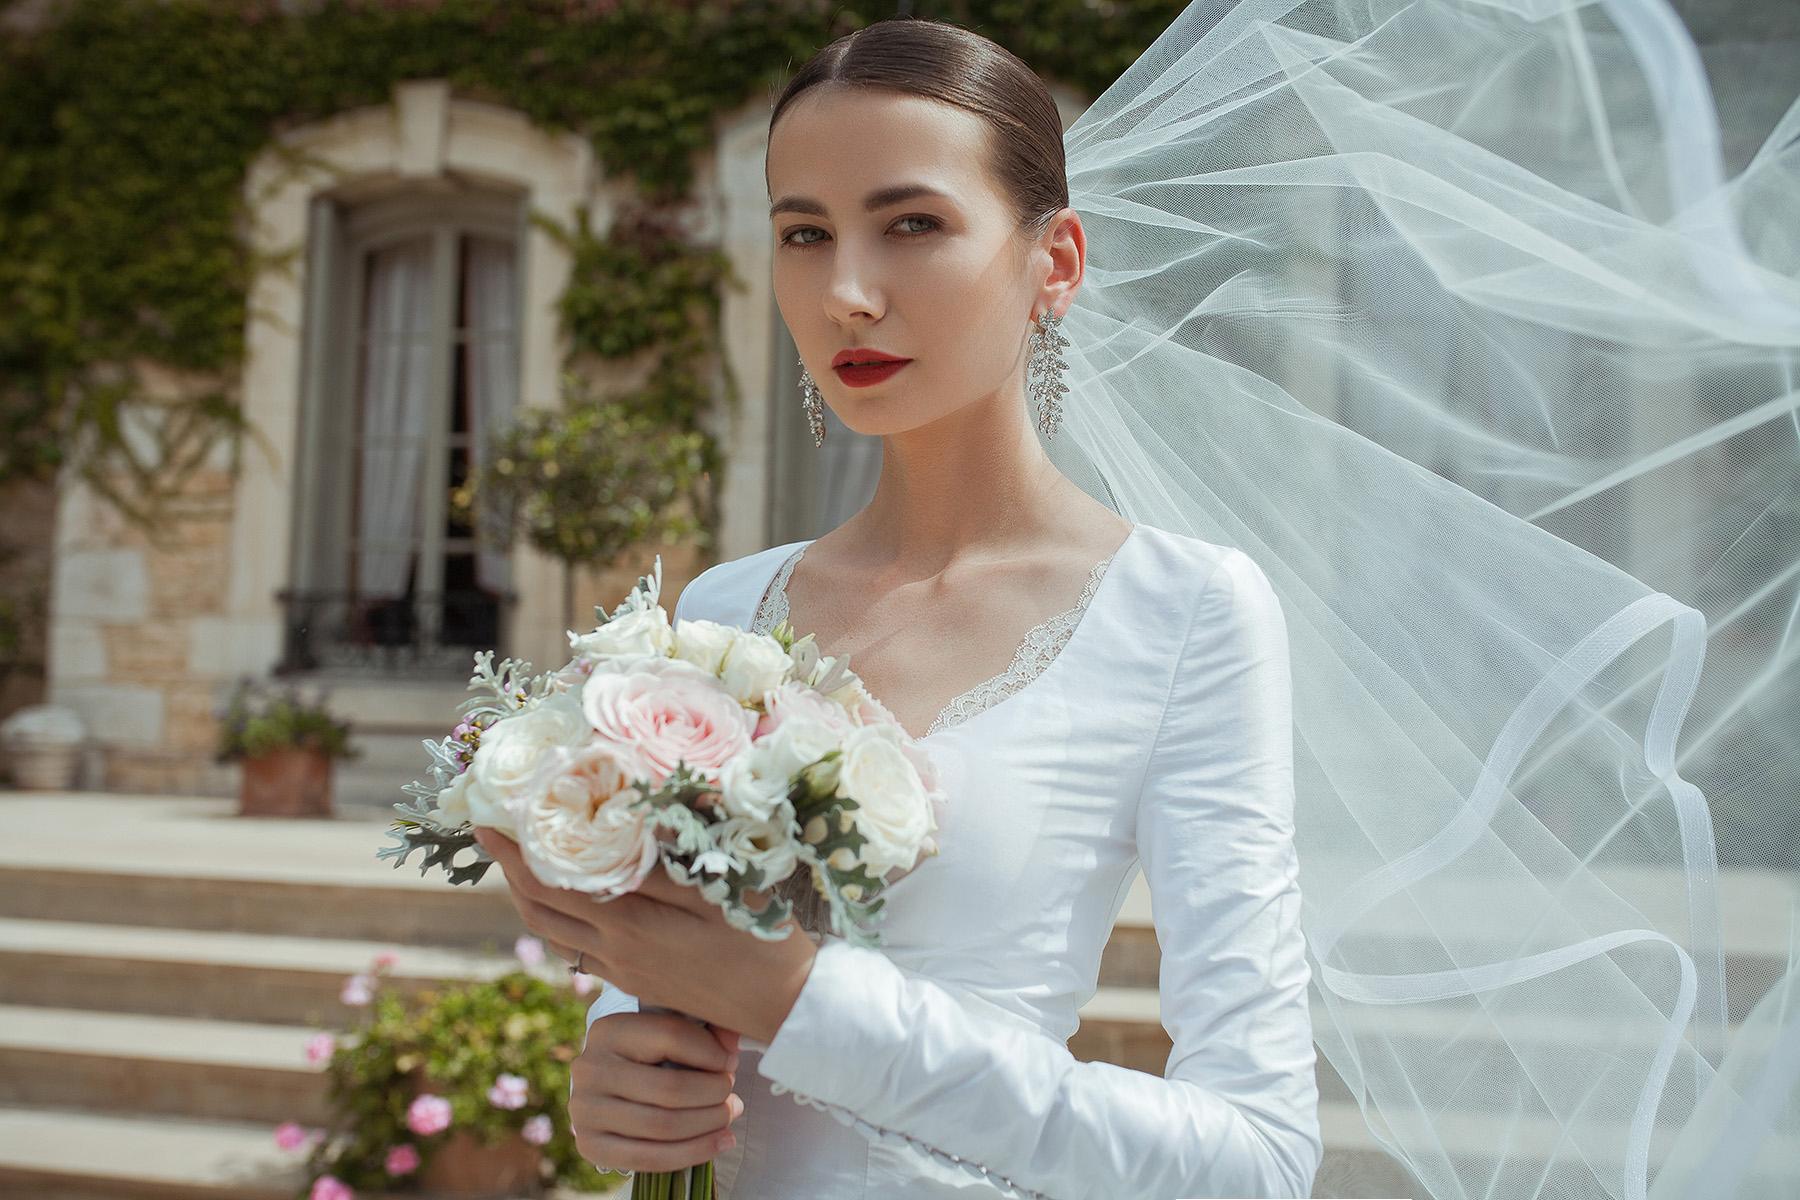 adellefrances | Wedding Dress & Attire in Singapore | Bridestory.com